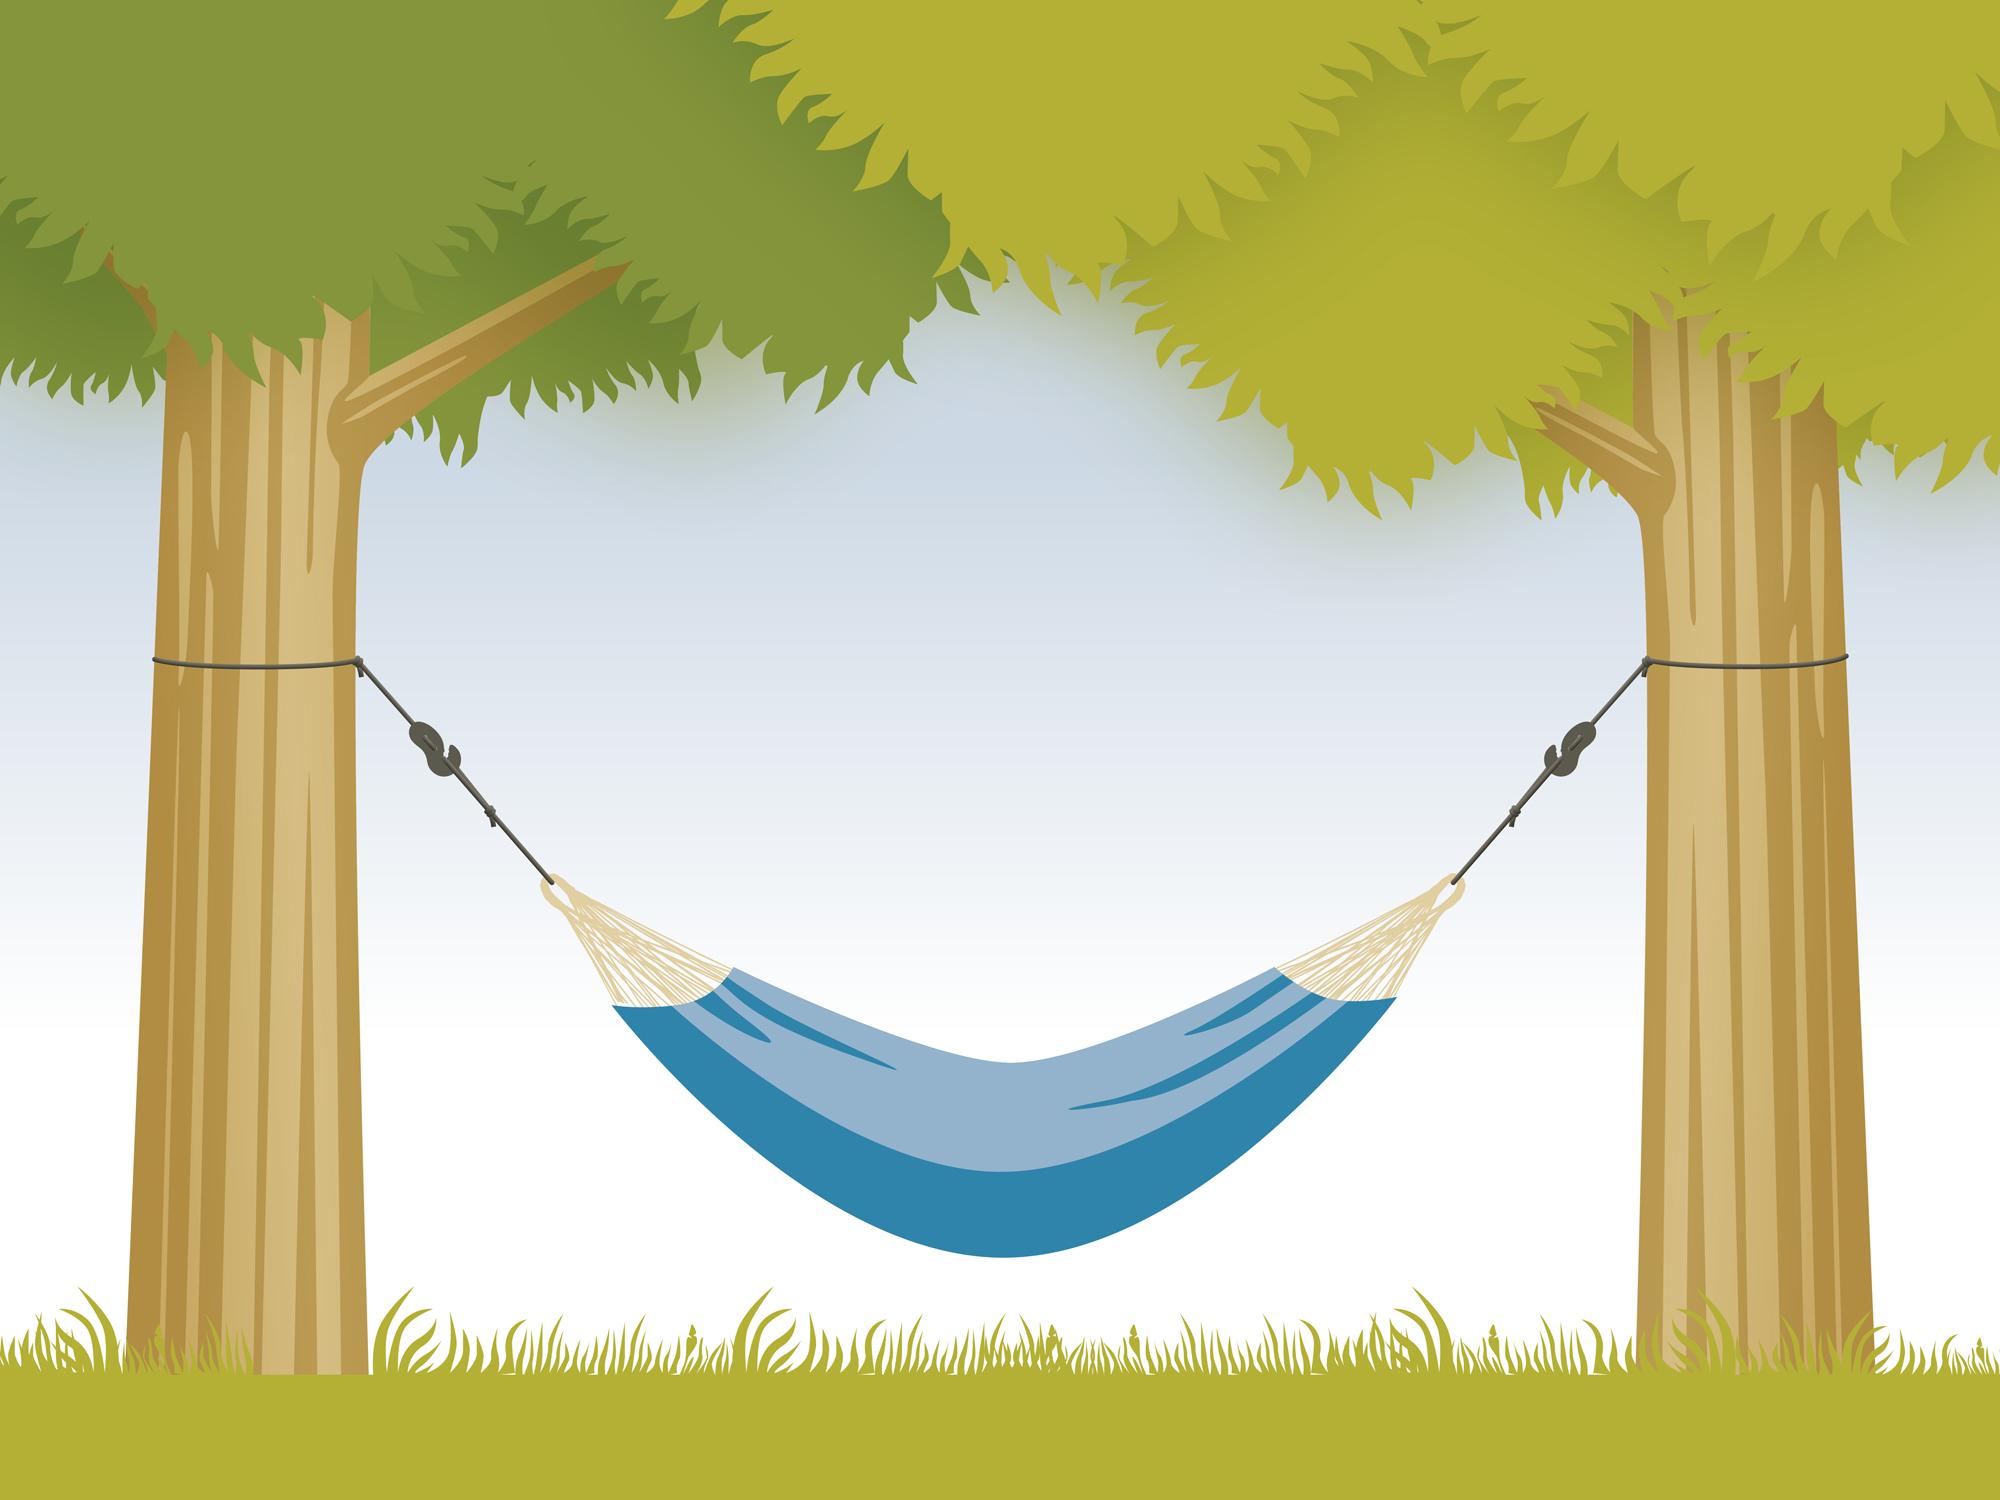 illustration af hængekøje-ophængt